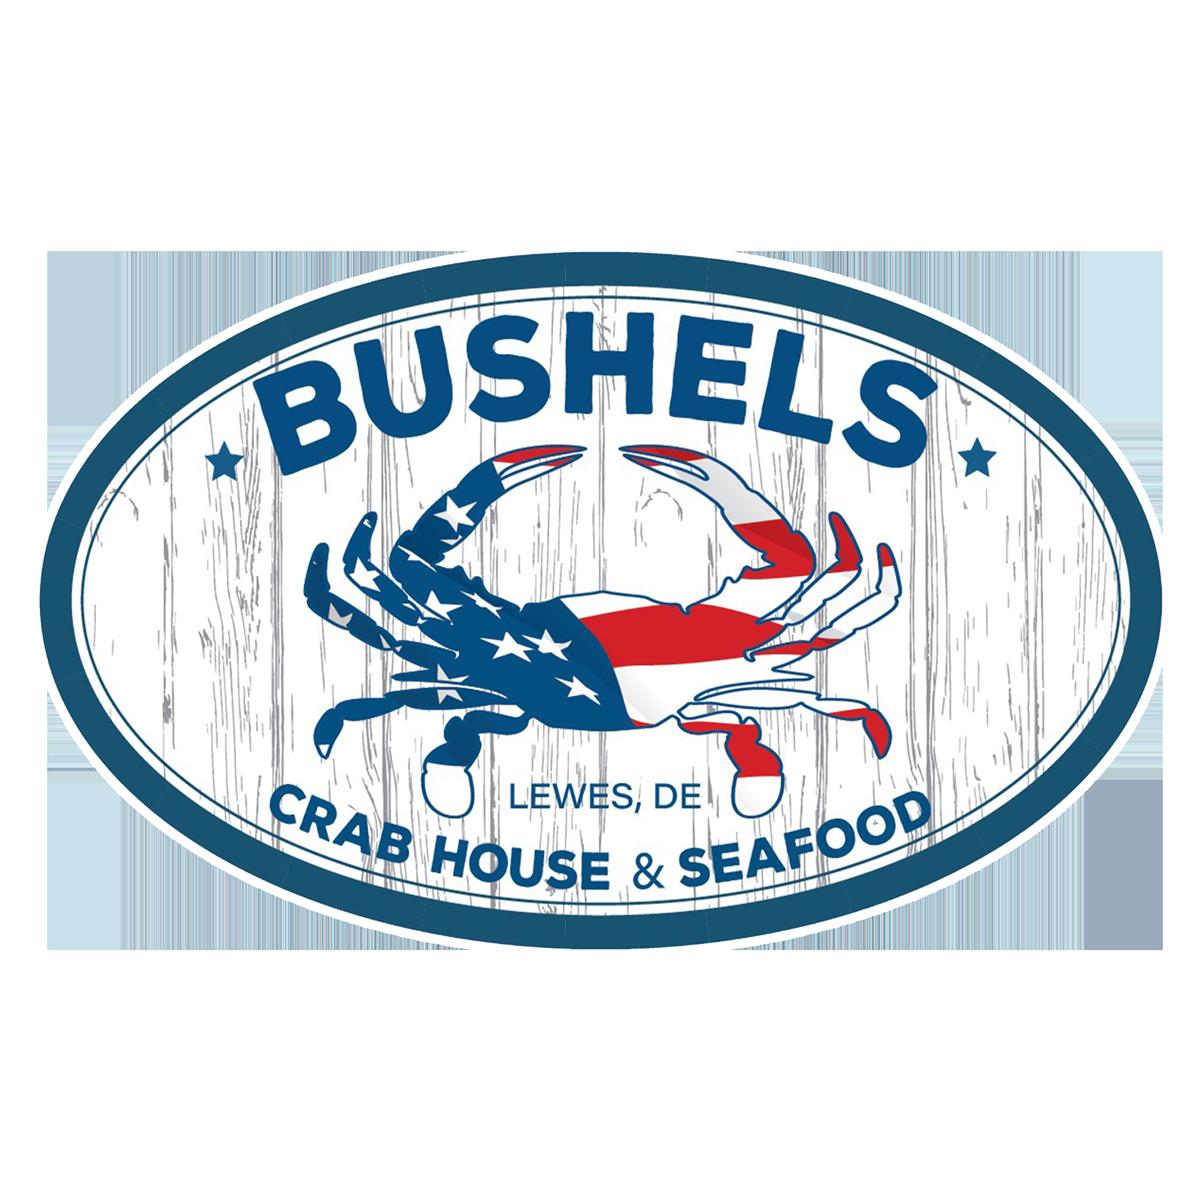 Bushels Crab House